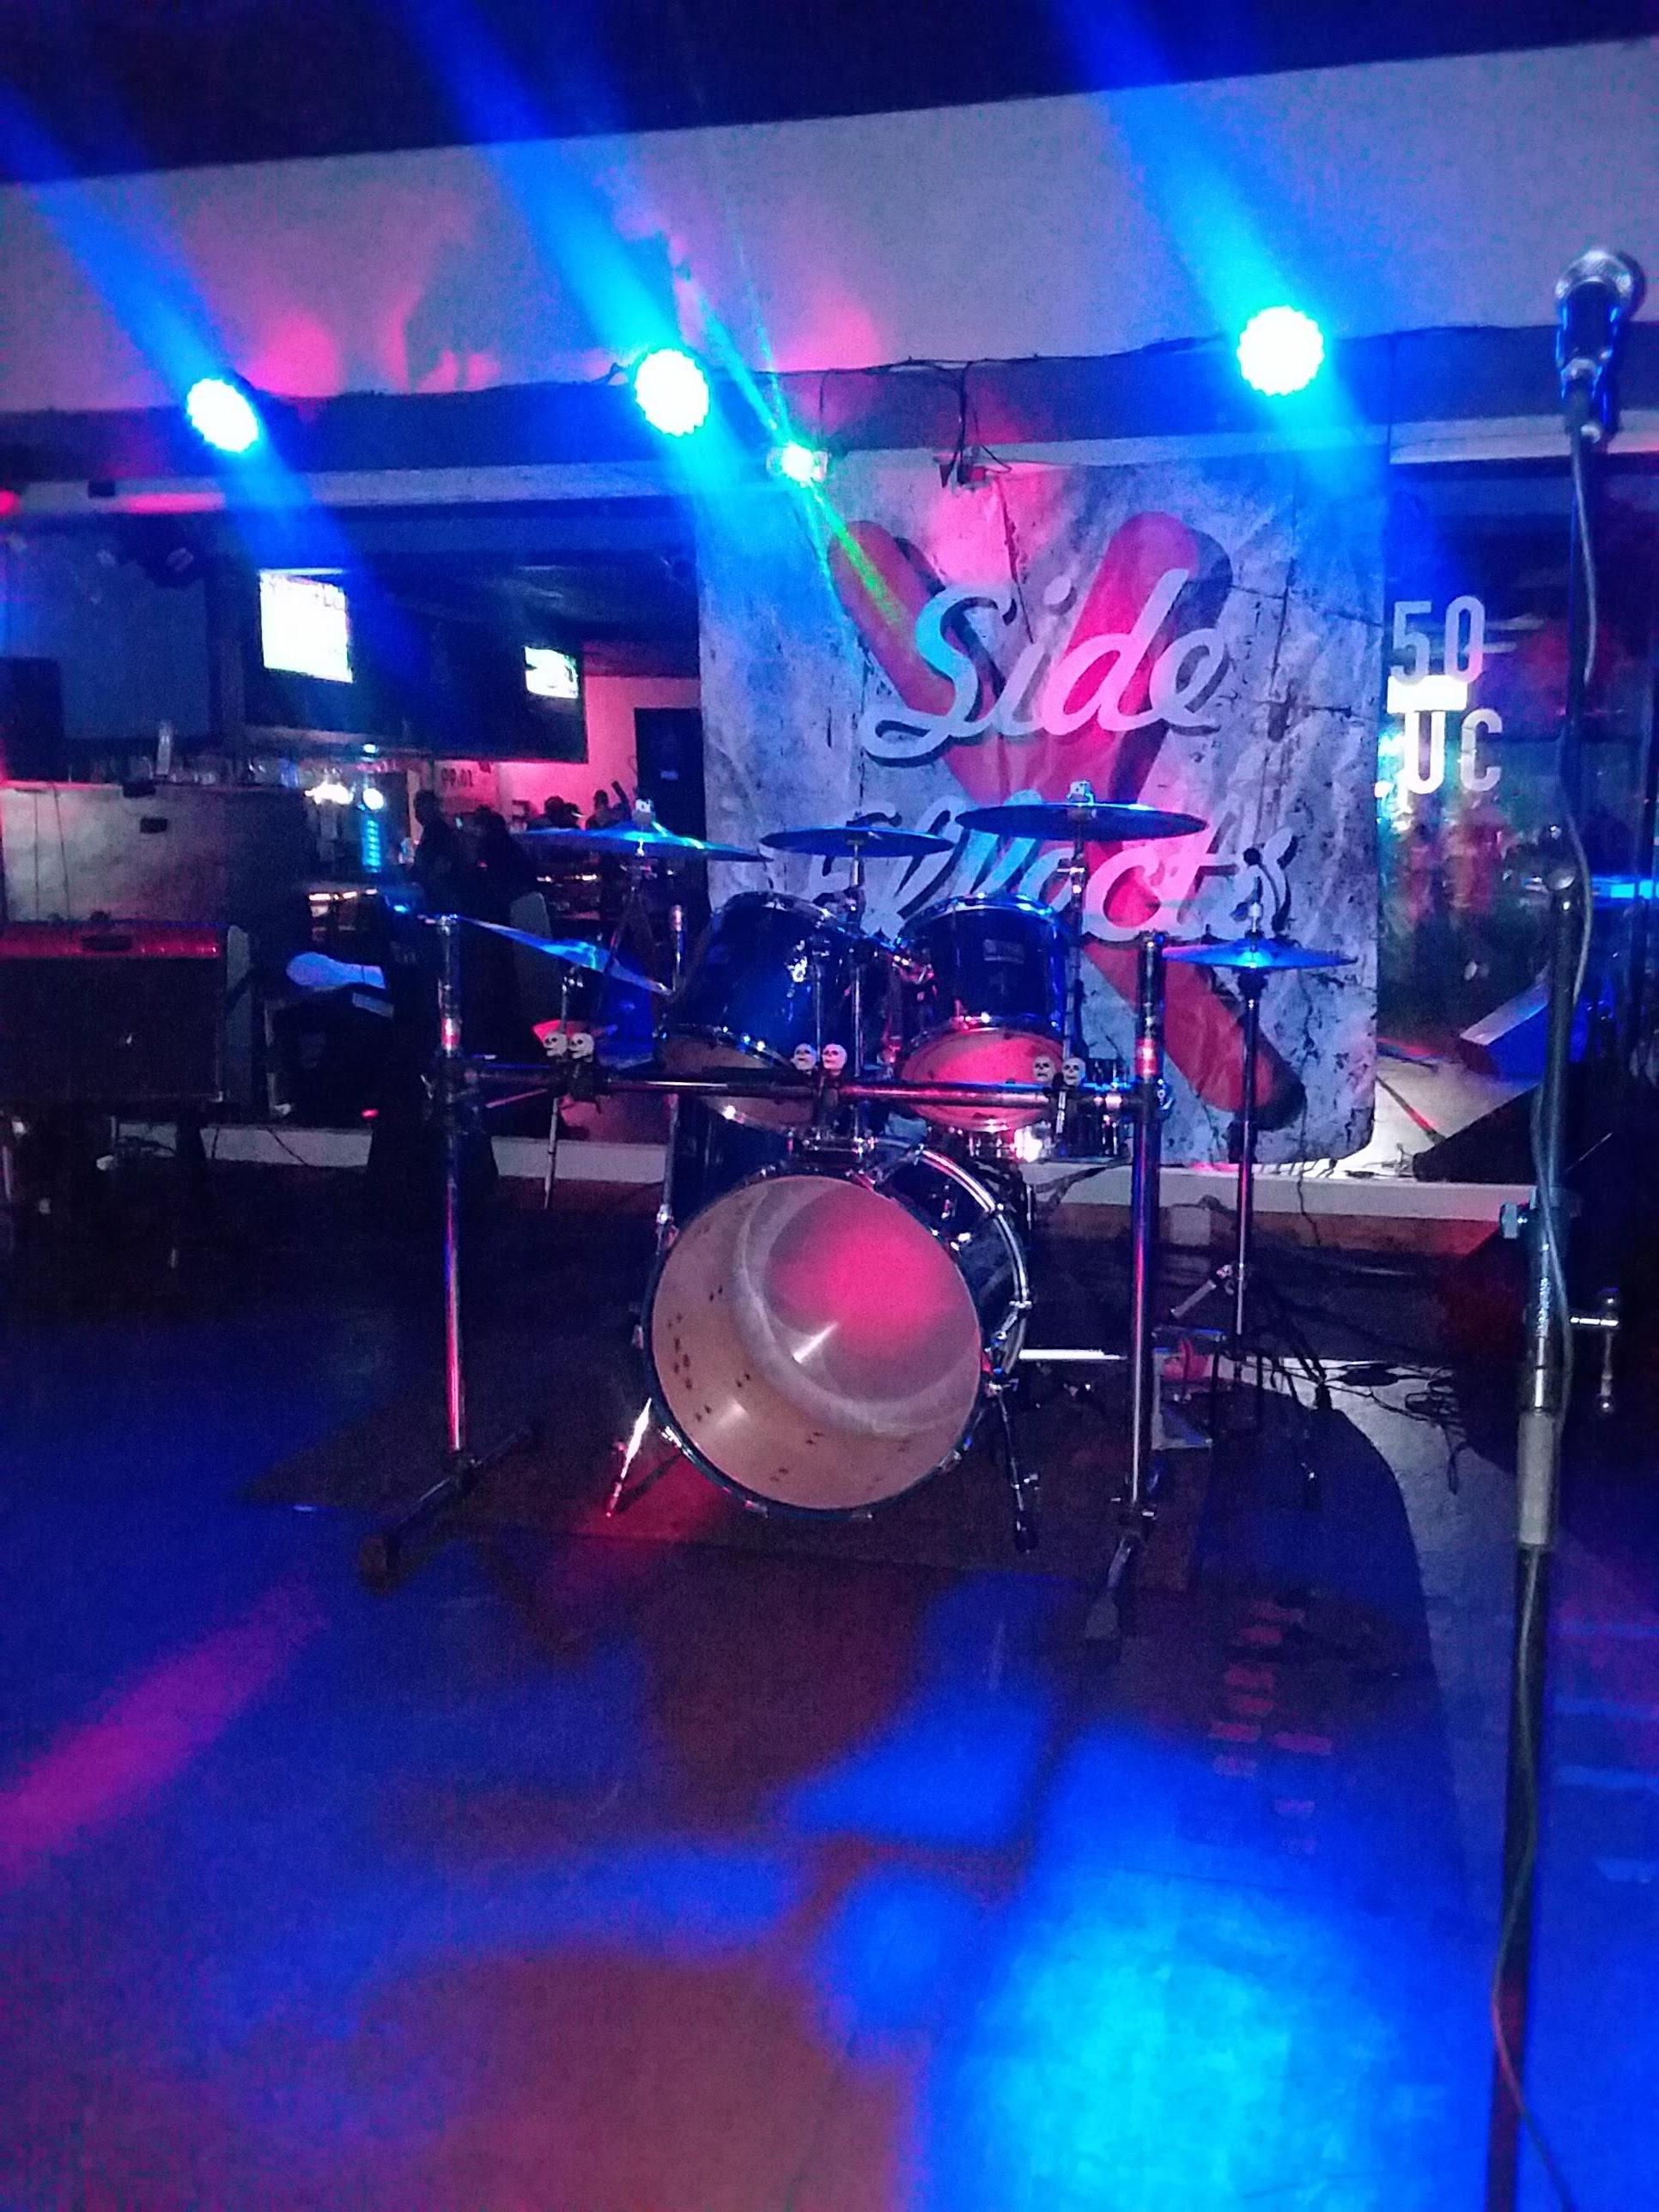 Drummerboy0716